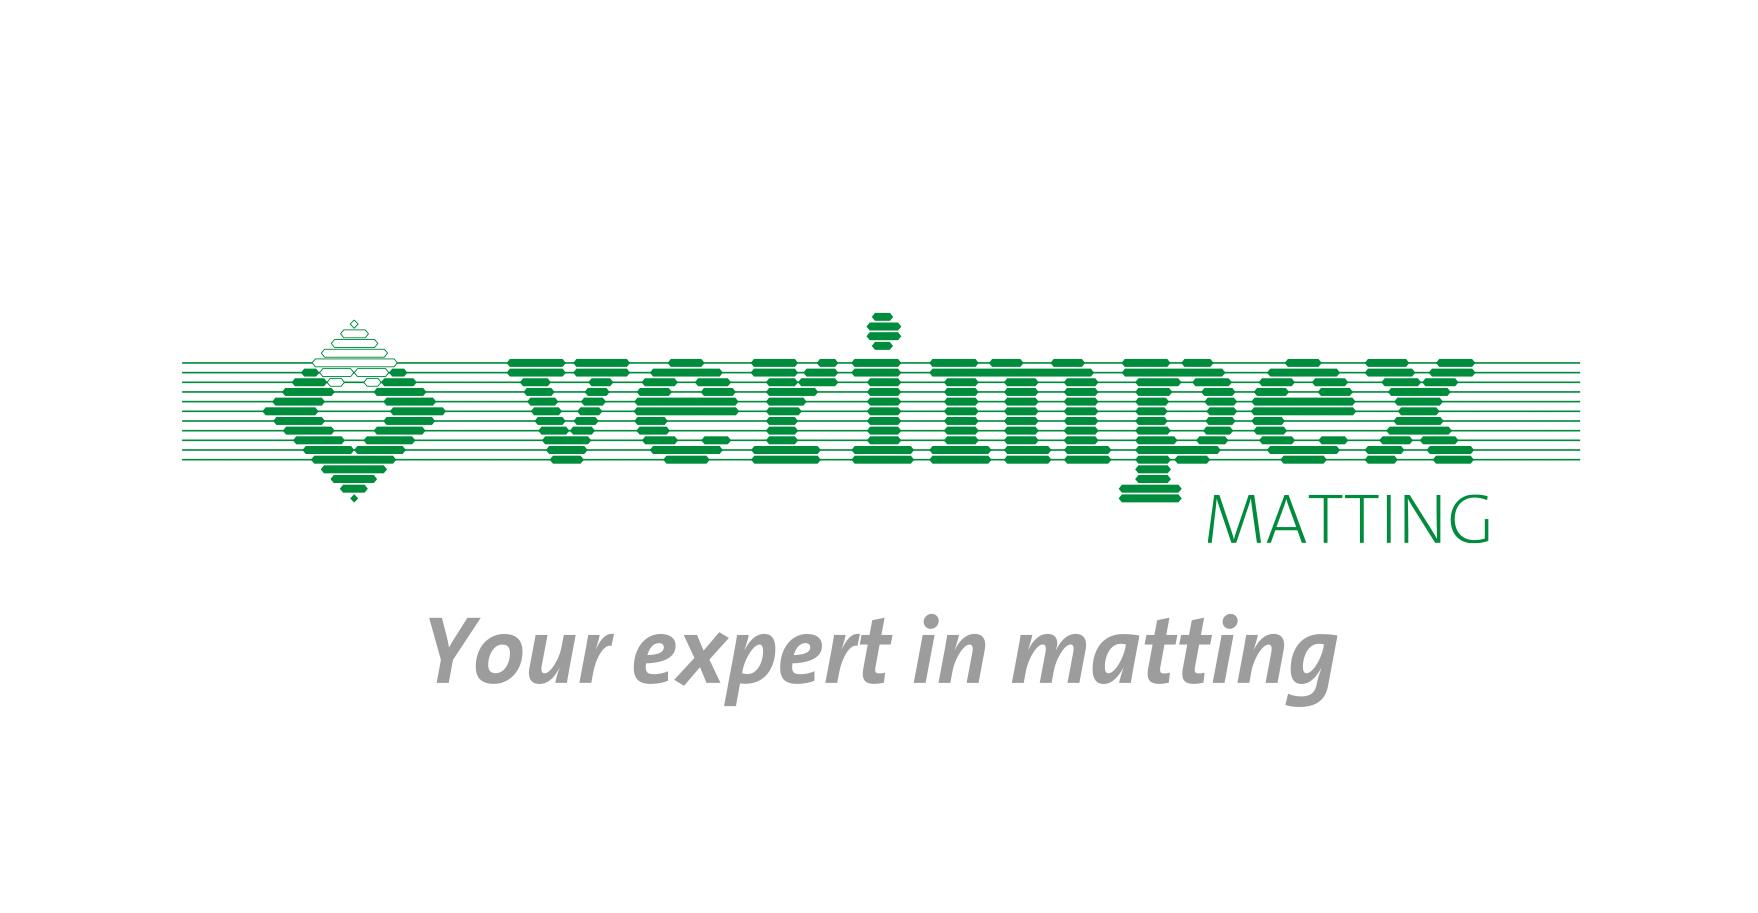 Goud-Verimpex